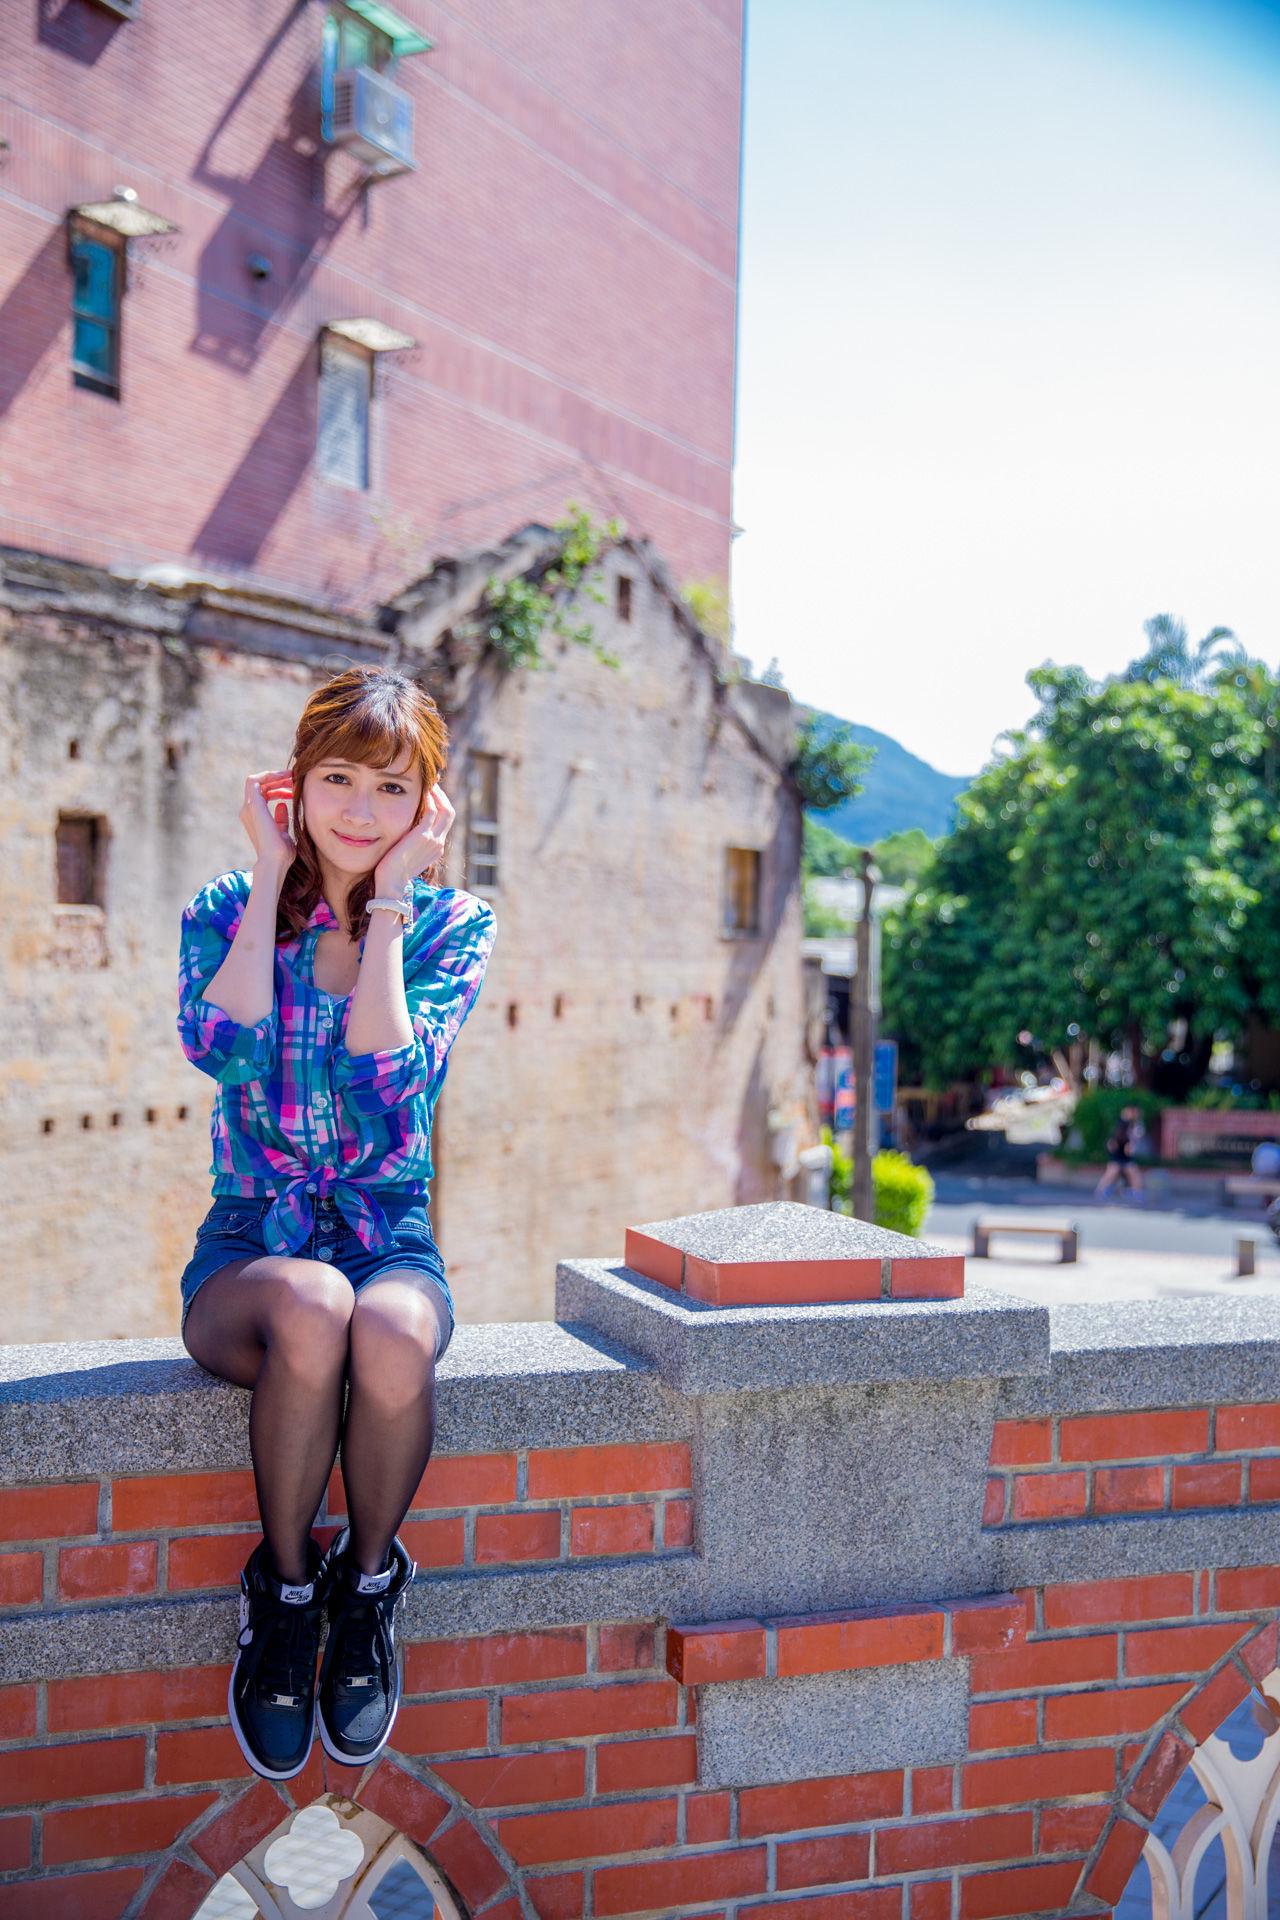 VOL.913 [台湾正妹]清纯阳光户外美女:段璟瑤(璟儿)超高清个人性感漂亮大图(36P)